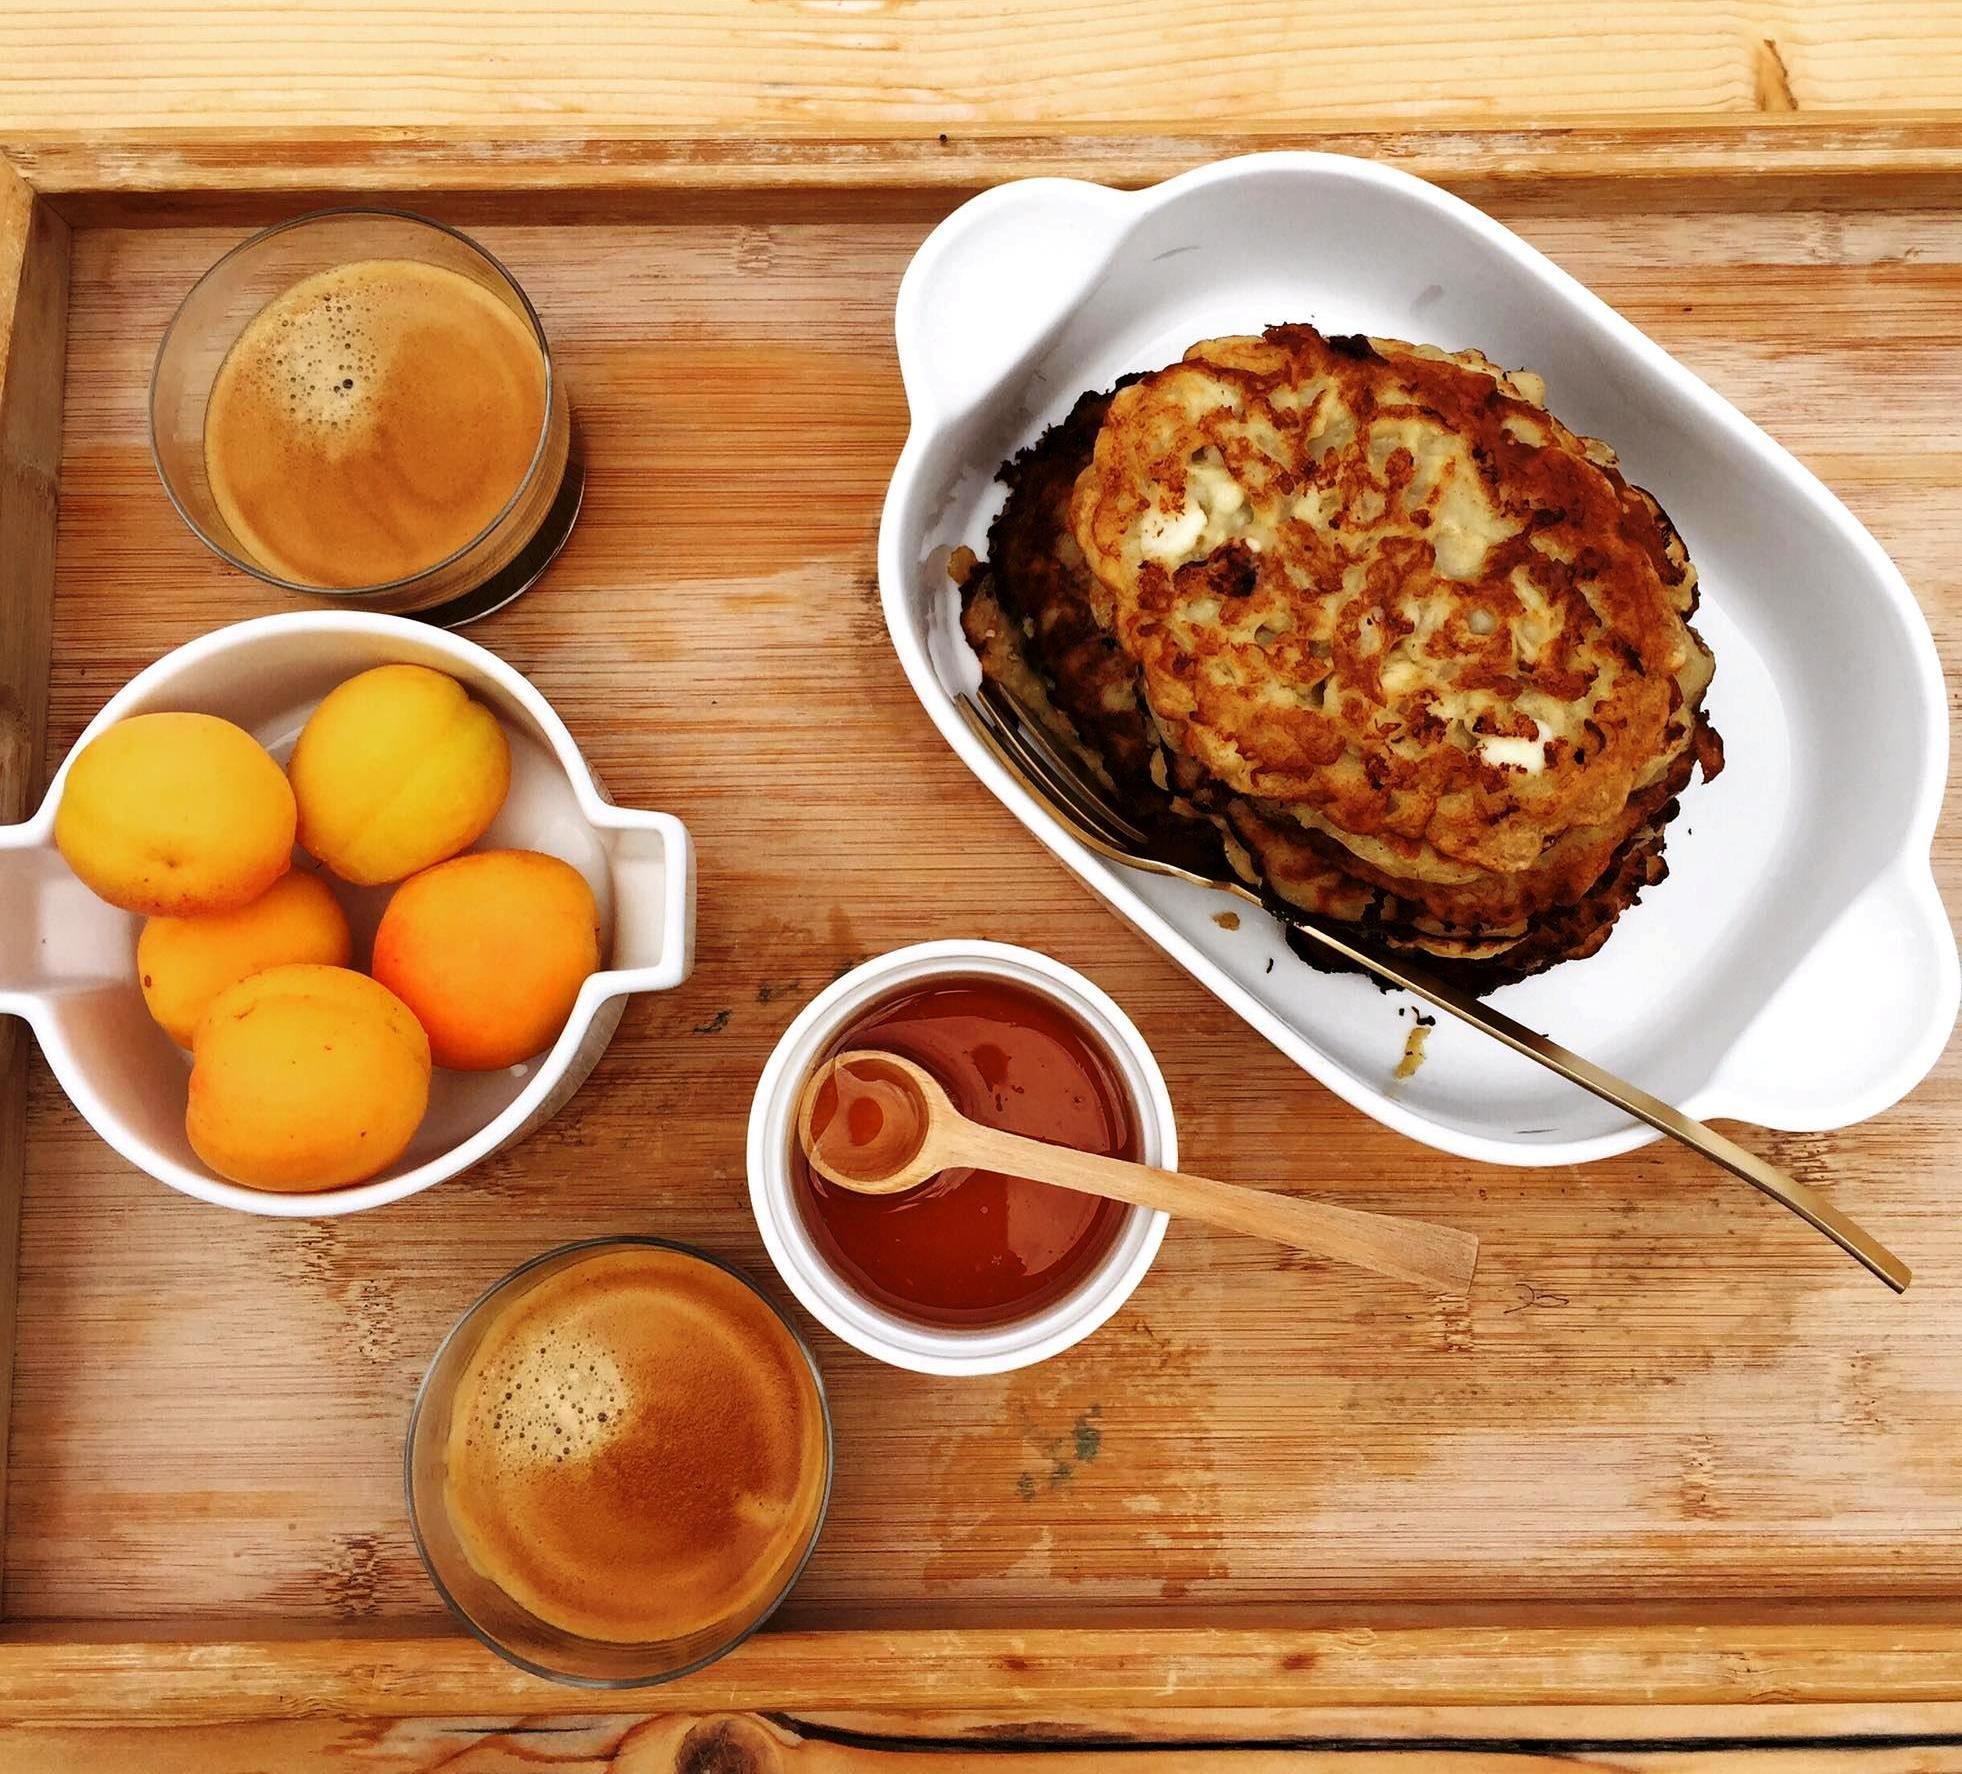 τηγανίτες για πρωινό